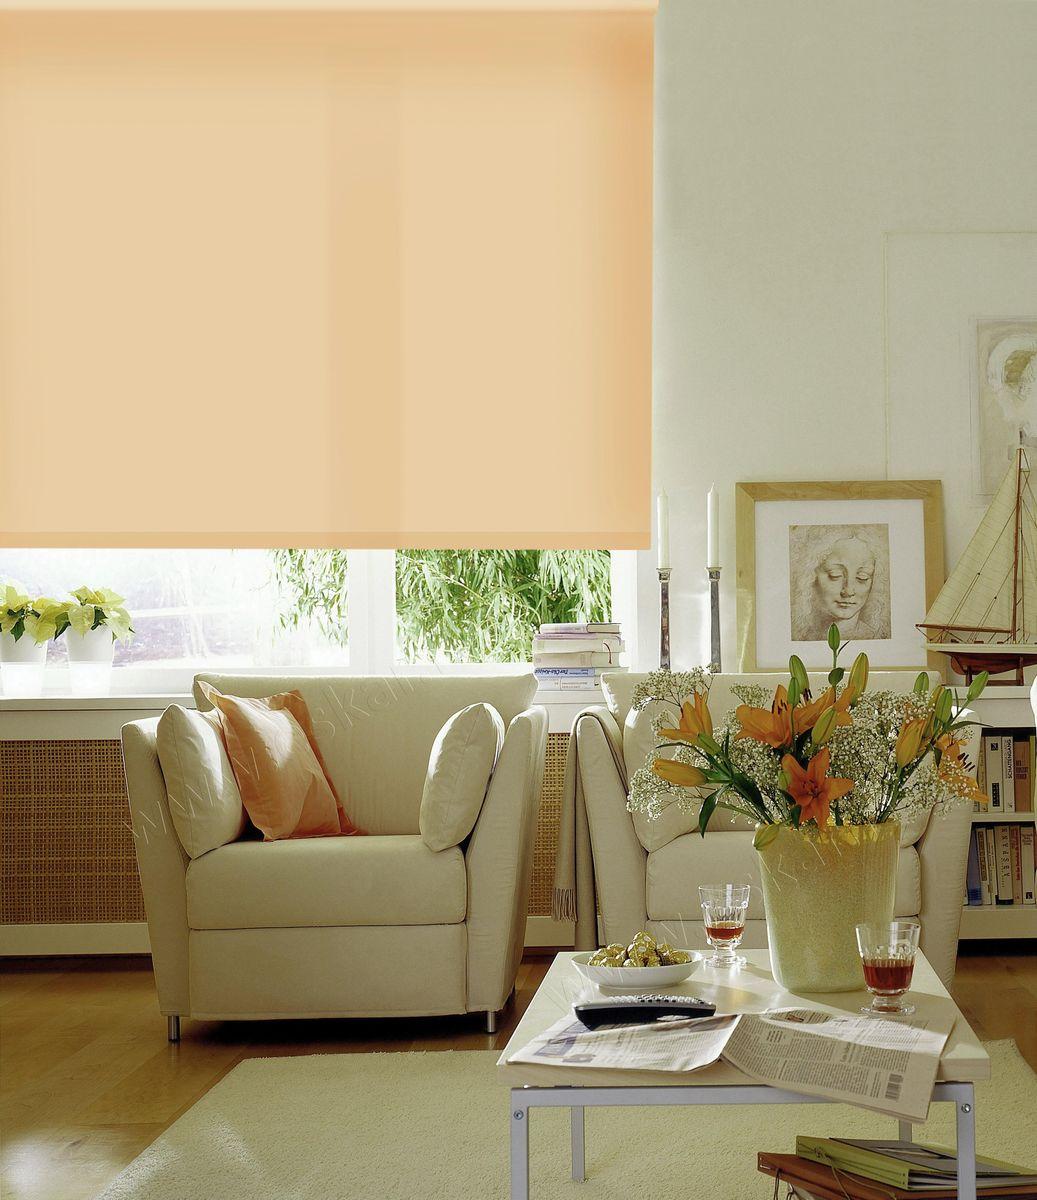 Штора рулонная Эскар, цвет: светло-абрикосовый, ширина 60 см, высота 170 см81112060170Рулонными шторами можно оформлять окна как самостоятельно, так и использовать в комбинации с портьерами. Это поможет предотвратить выгорание дорогой ткани на солнце и соединит функционал рулонных с красотой навесных. Преимущества применения рулонных штор для пластиковых окон: - имеют прекрасный внешний вид: многообразие и фактурность материала изделия отлично смотрятся в любом интерьере; - многофункциональны: есть возможность подобрать шторы способные эффективно защитить комнату от солнца, при этом она не будет слишком темной. - Есть возможность осуществить быстрый монтаж. ВНИМАНИЕ! Размеры ширины изделия указаны по ширине ткани! Во время эксплуатации не рекомендуется полностью разматывать рулон, чтобы не оторвать ткань от намоточного вала. В случае загрязнения поверхности ткани, чистку шторы проводят одним из способов, в зависимости от типа загрязнения: легкое поверхностное загрязнение можно удалить при помощи канцелярского ластика; чистка от пыли производится сухим методом при...